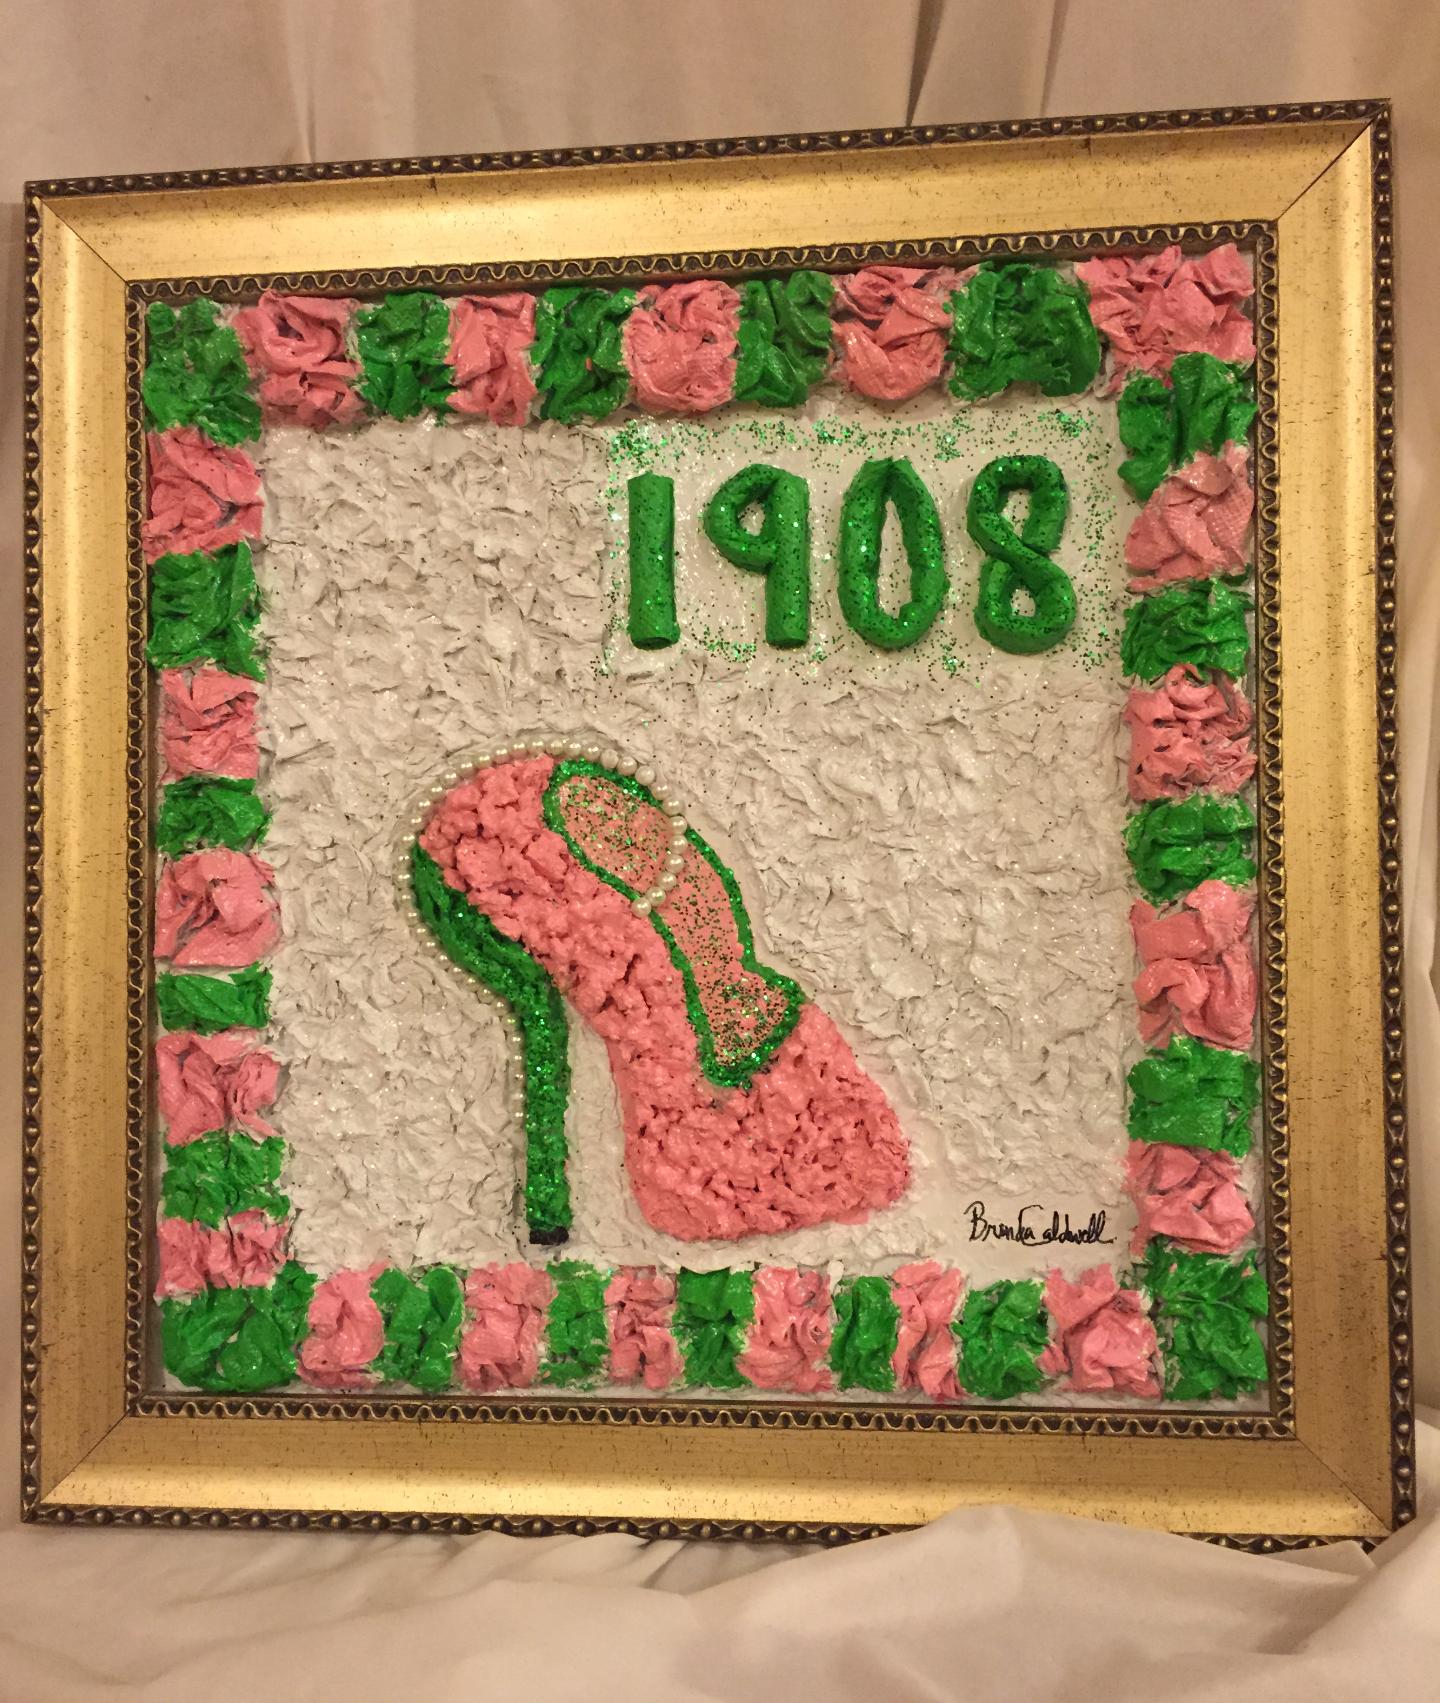 AKA 1908